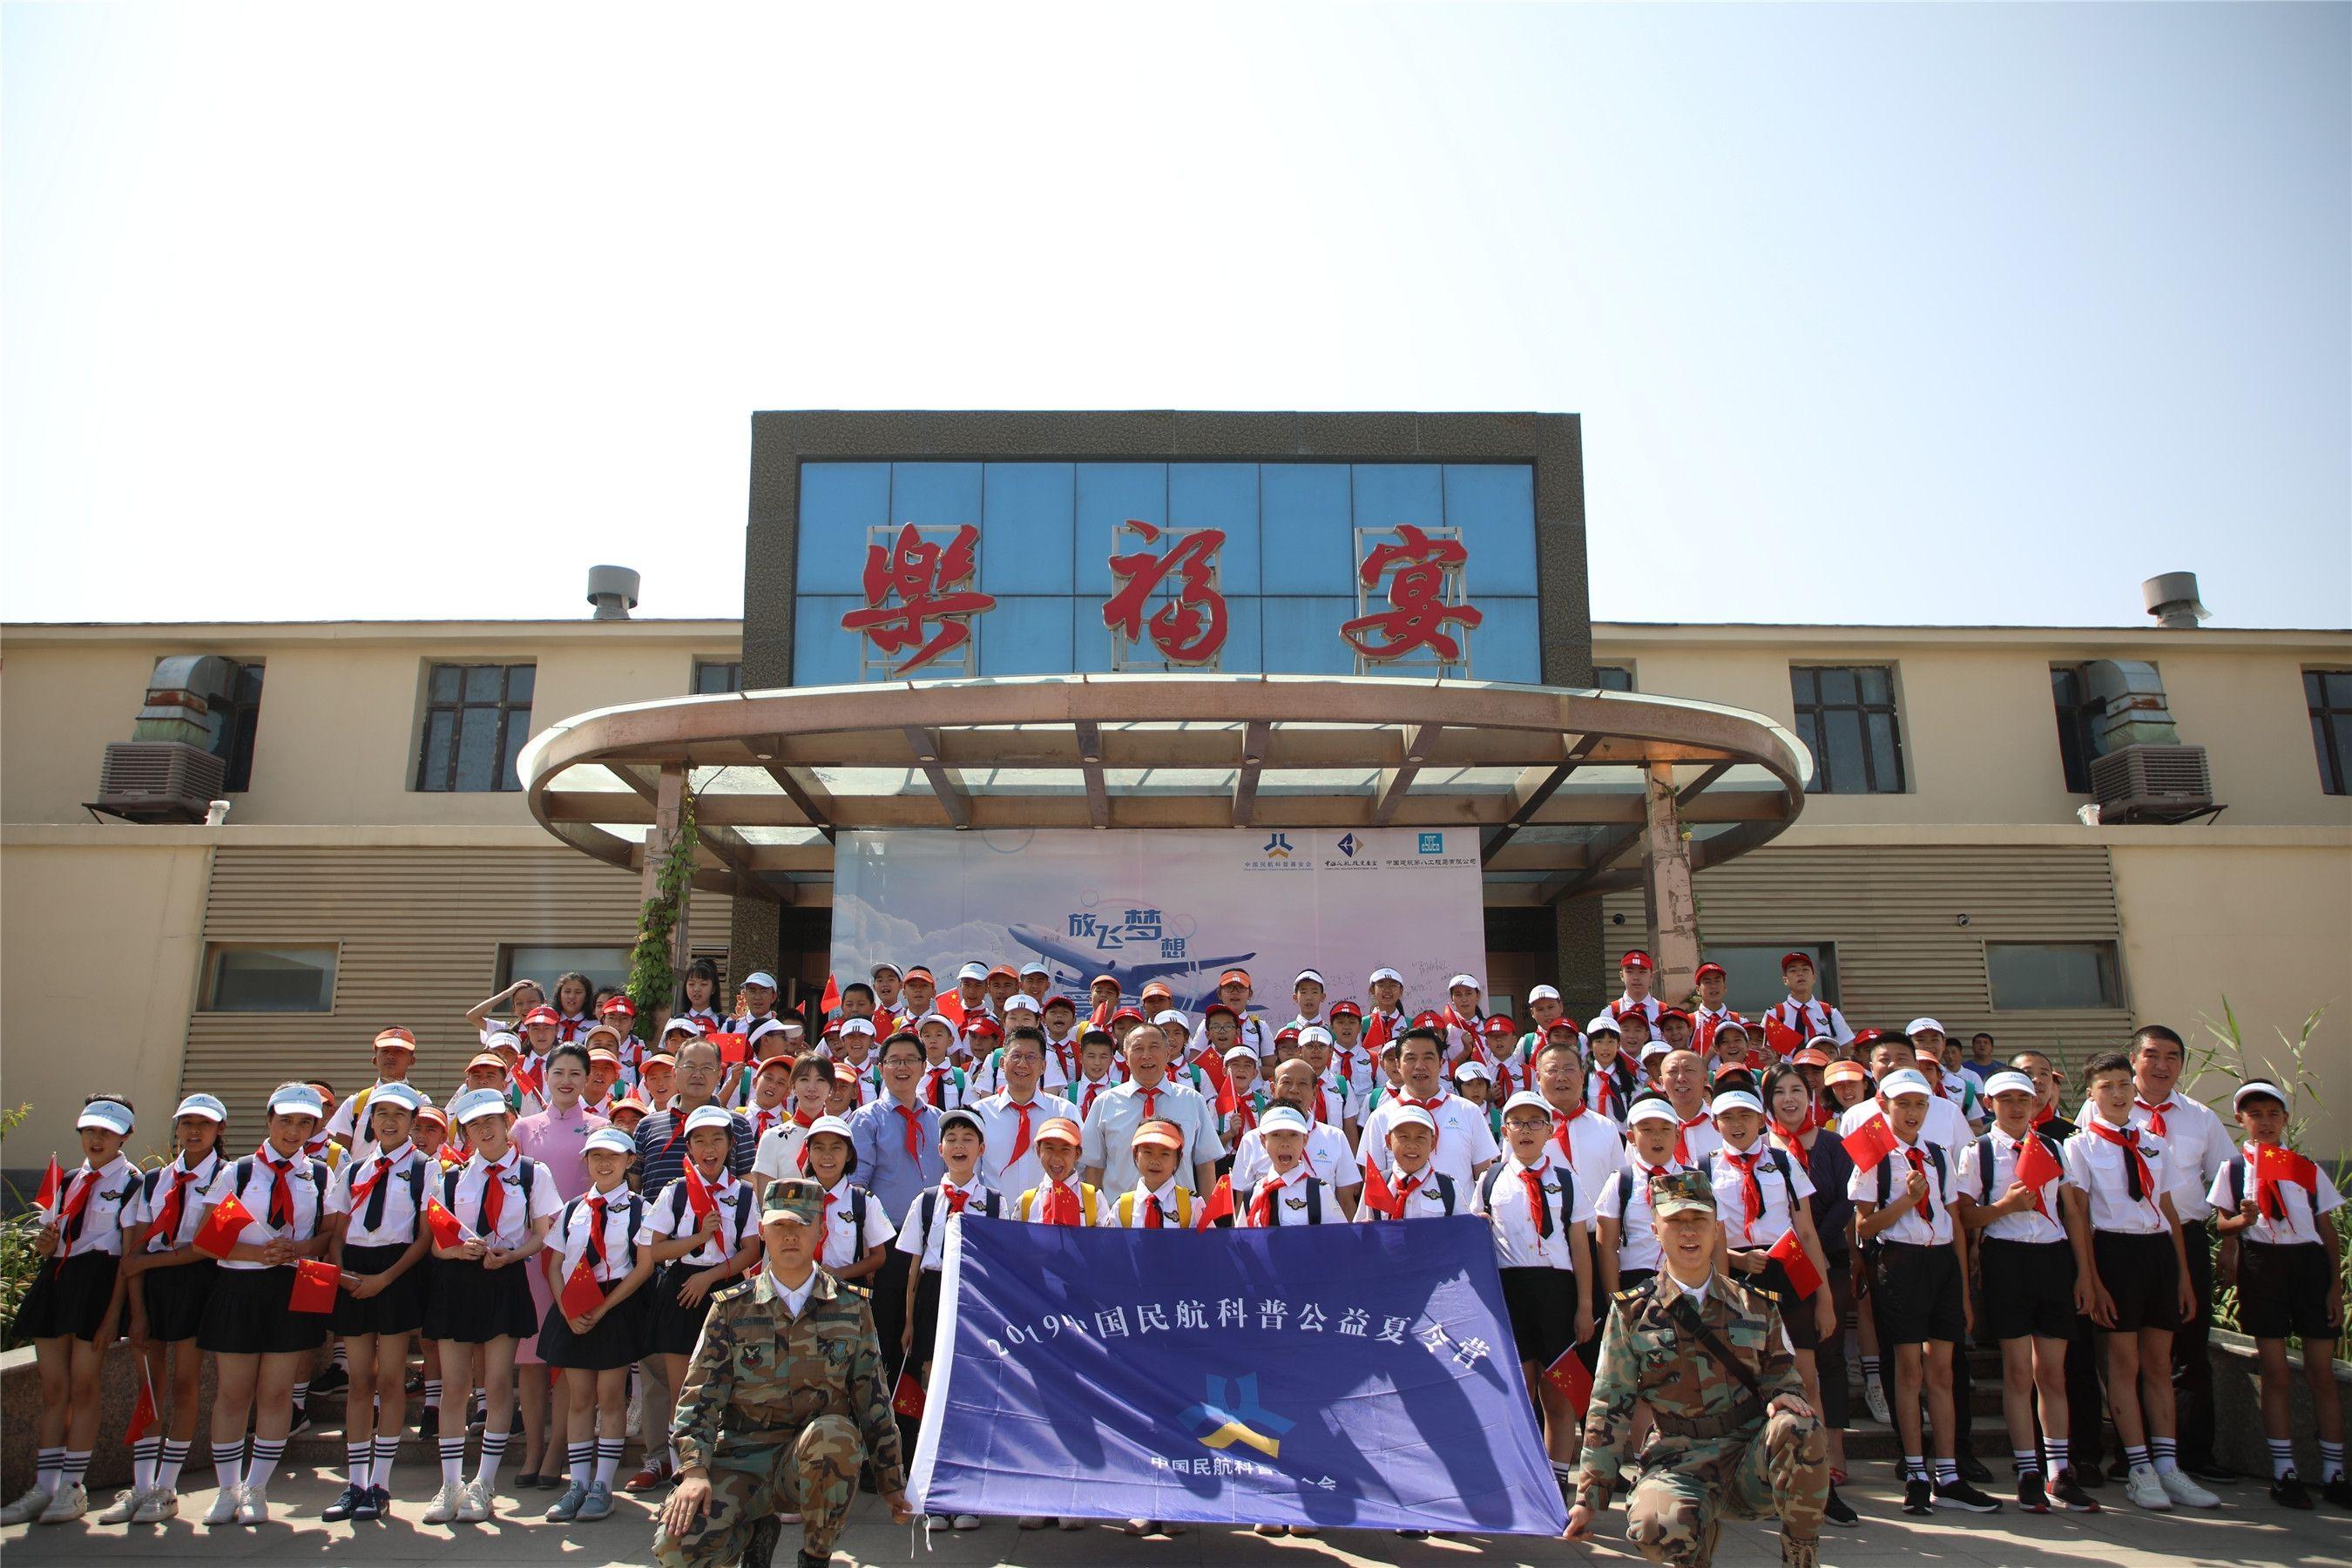 2019民航科普公益夏令营活动在乌鲁木齐开营